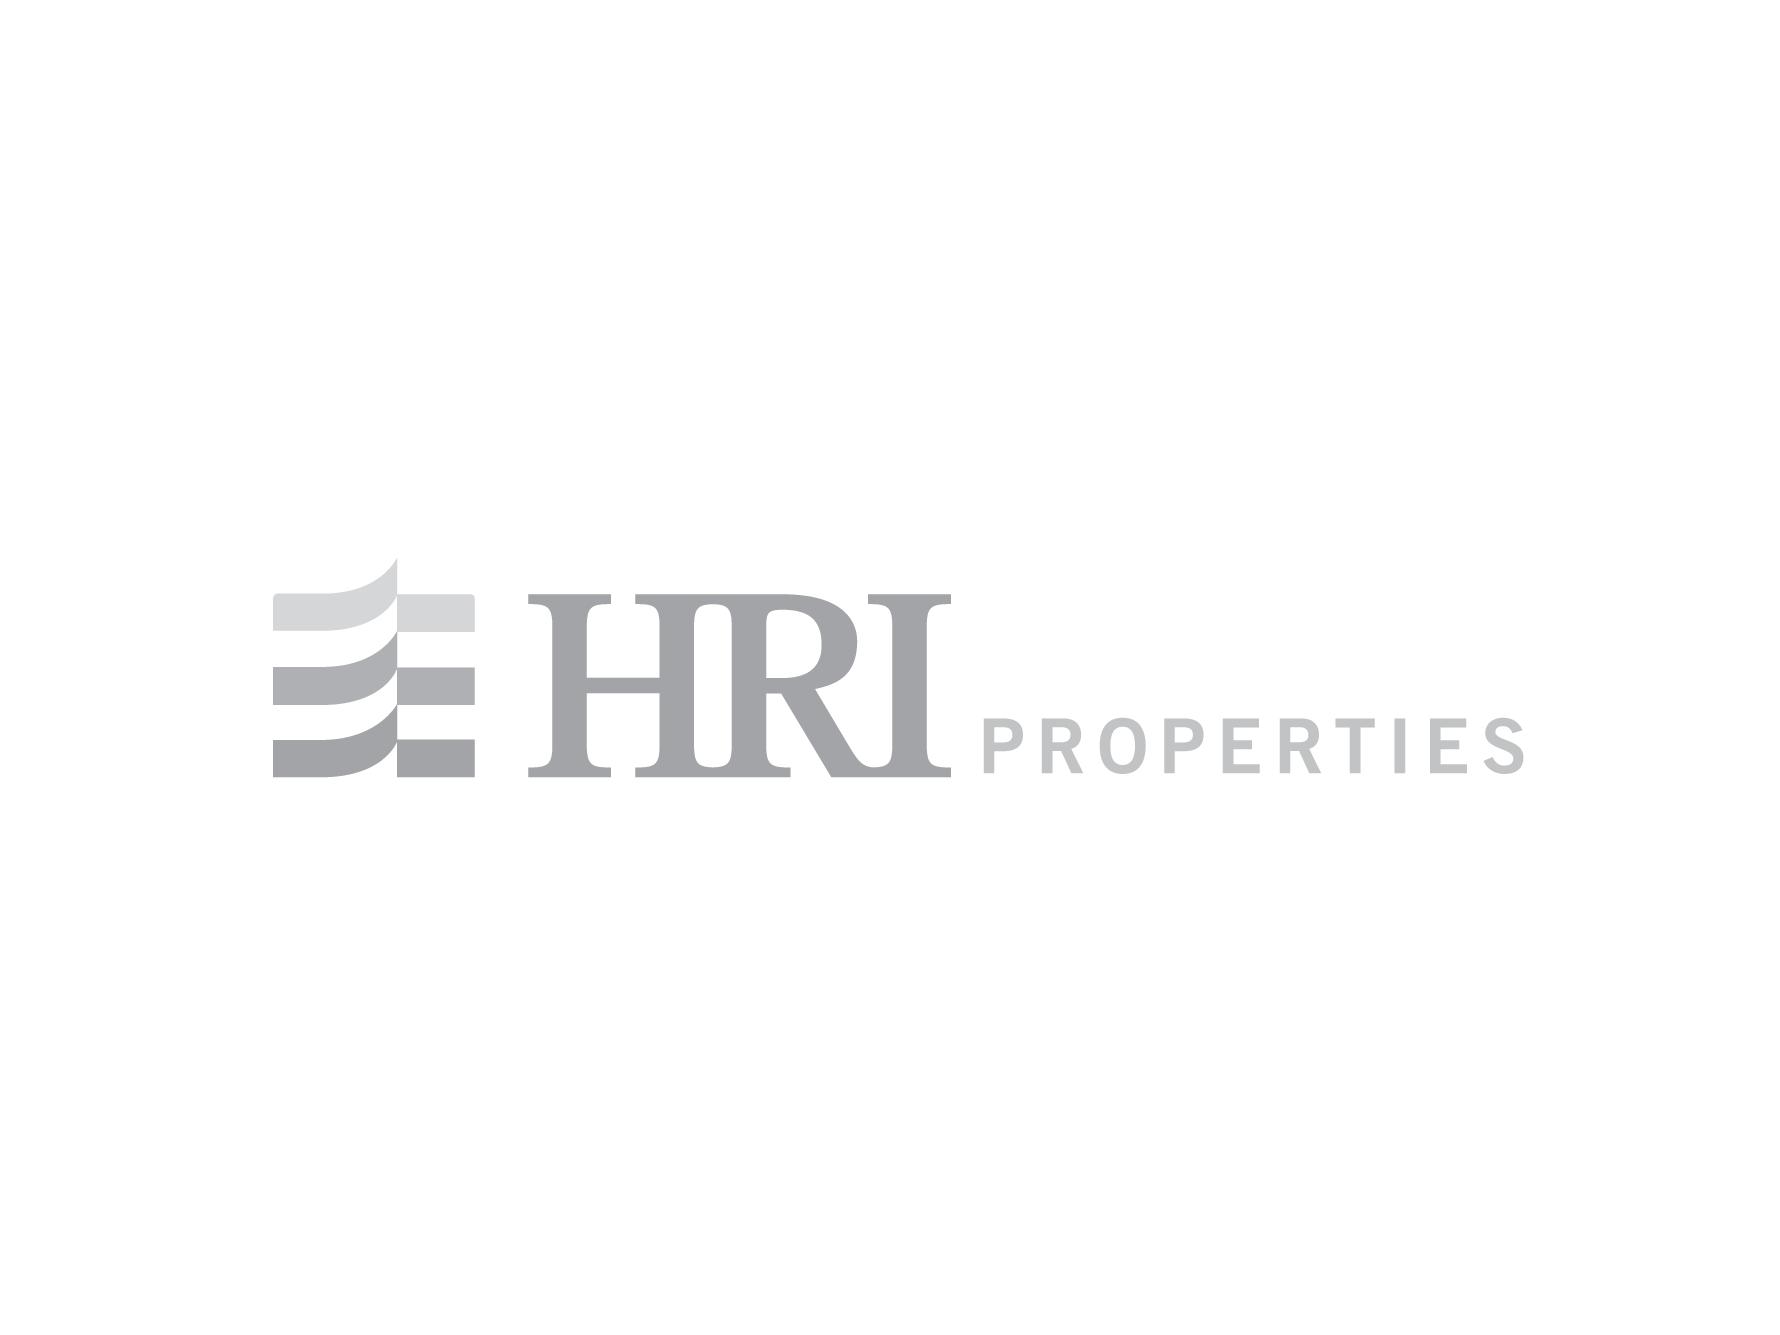 ROCK-0019 RTRX Website Sponsor Page Logos_Leadership_HRI_v1a.png